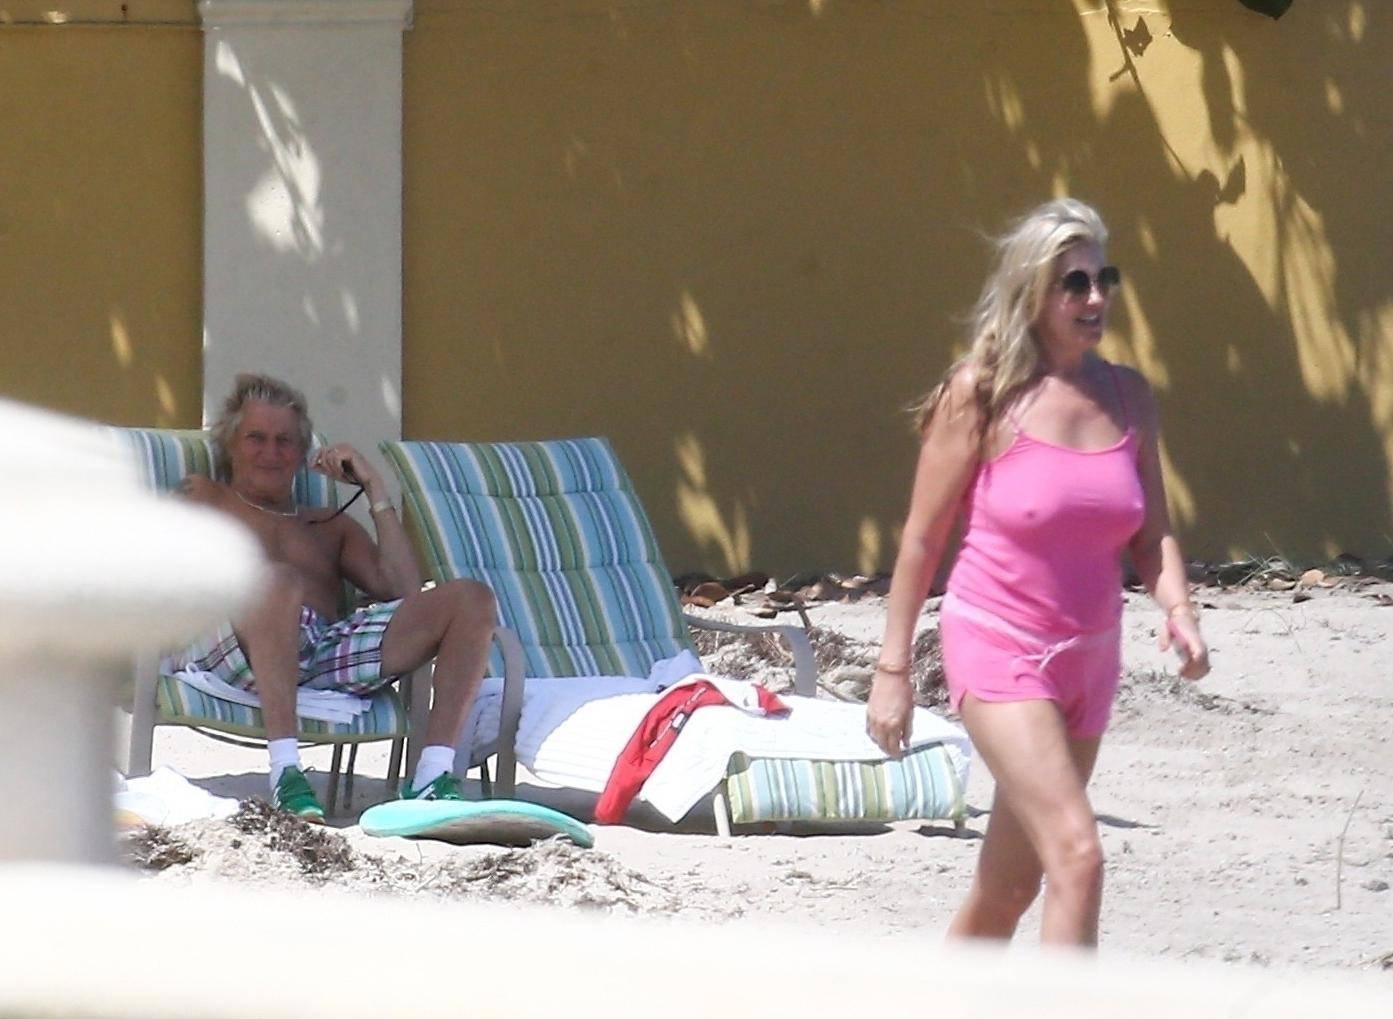 Žena Roda Stewarta privukla pažnju: Istaknula je bradavice